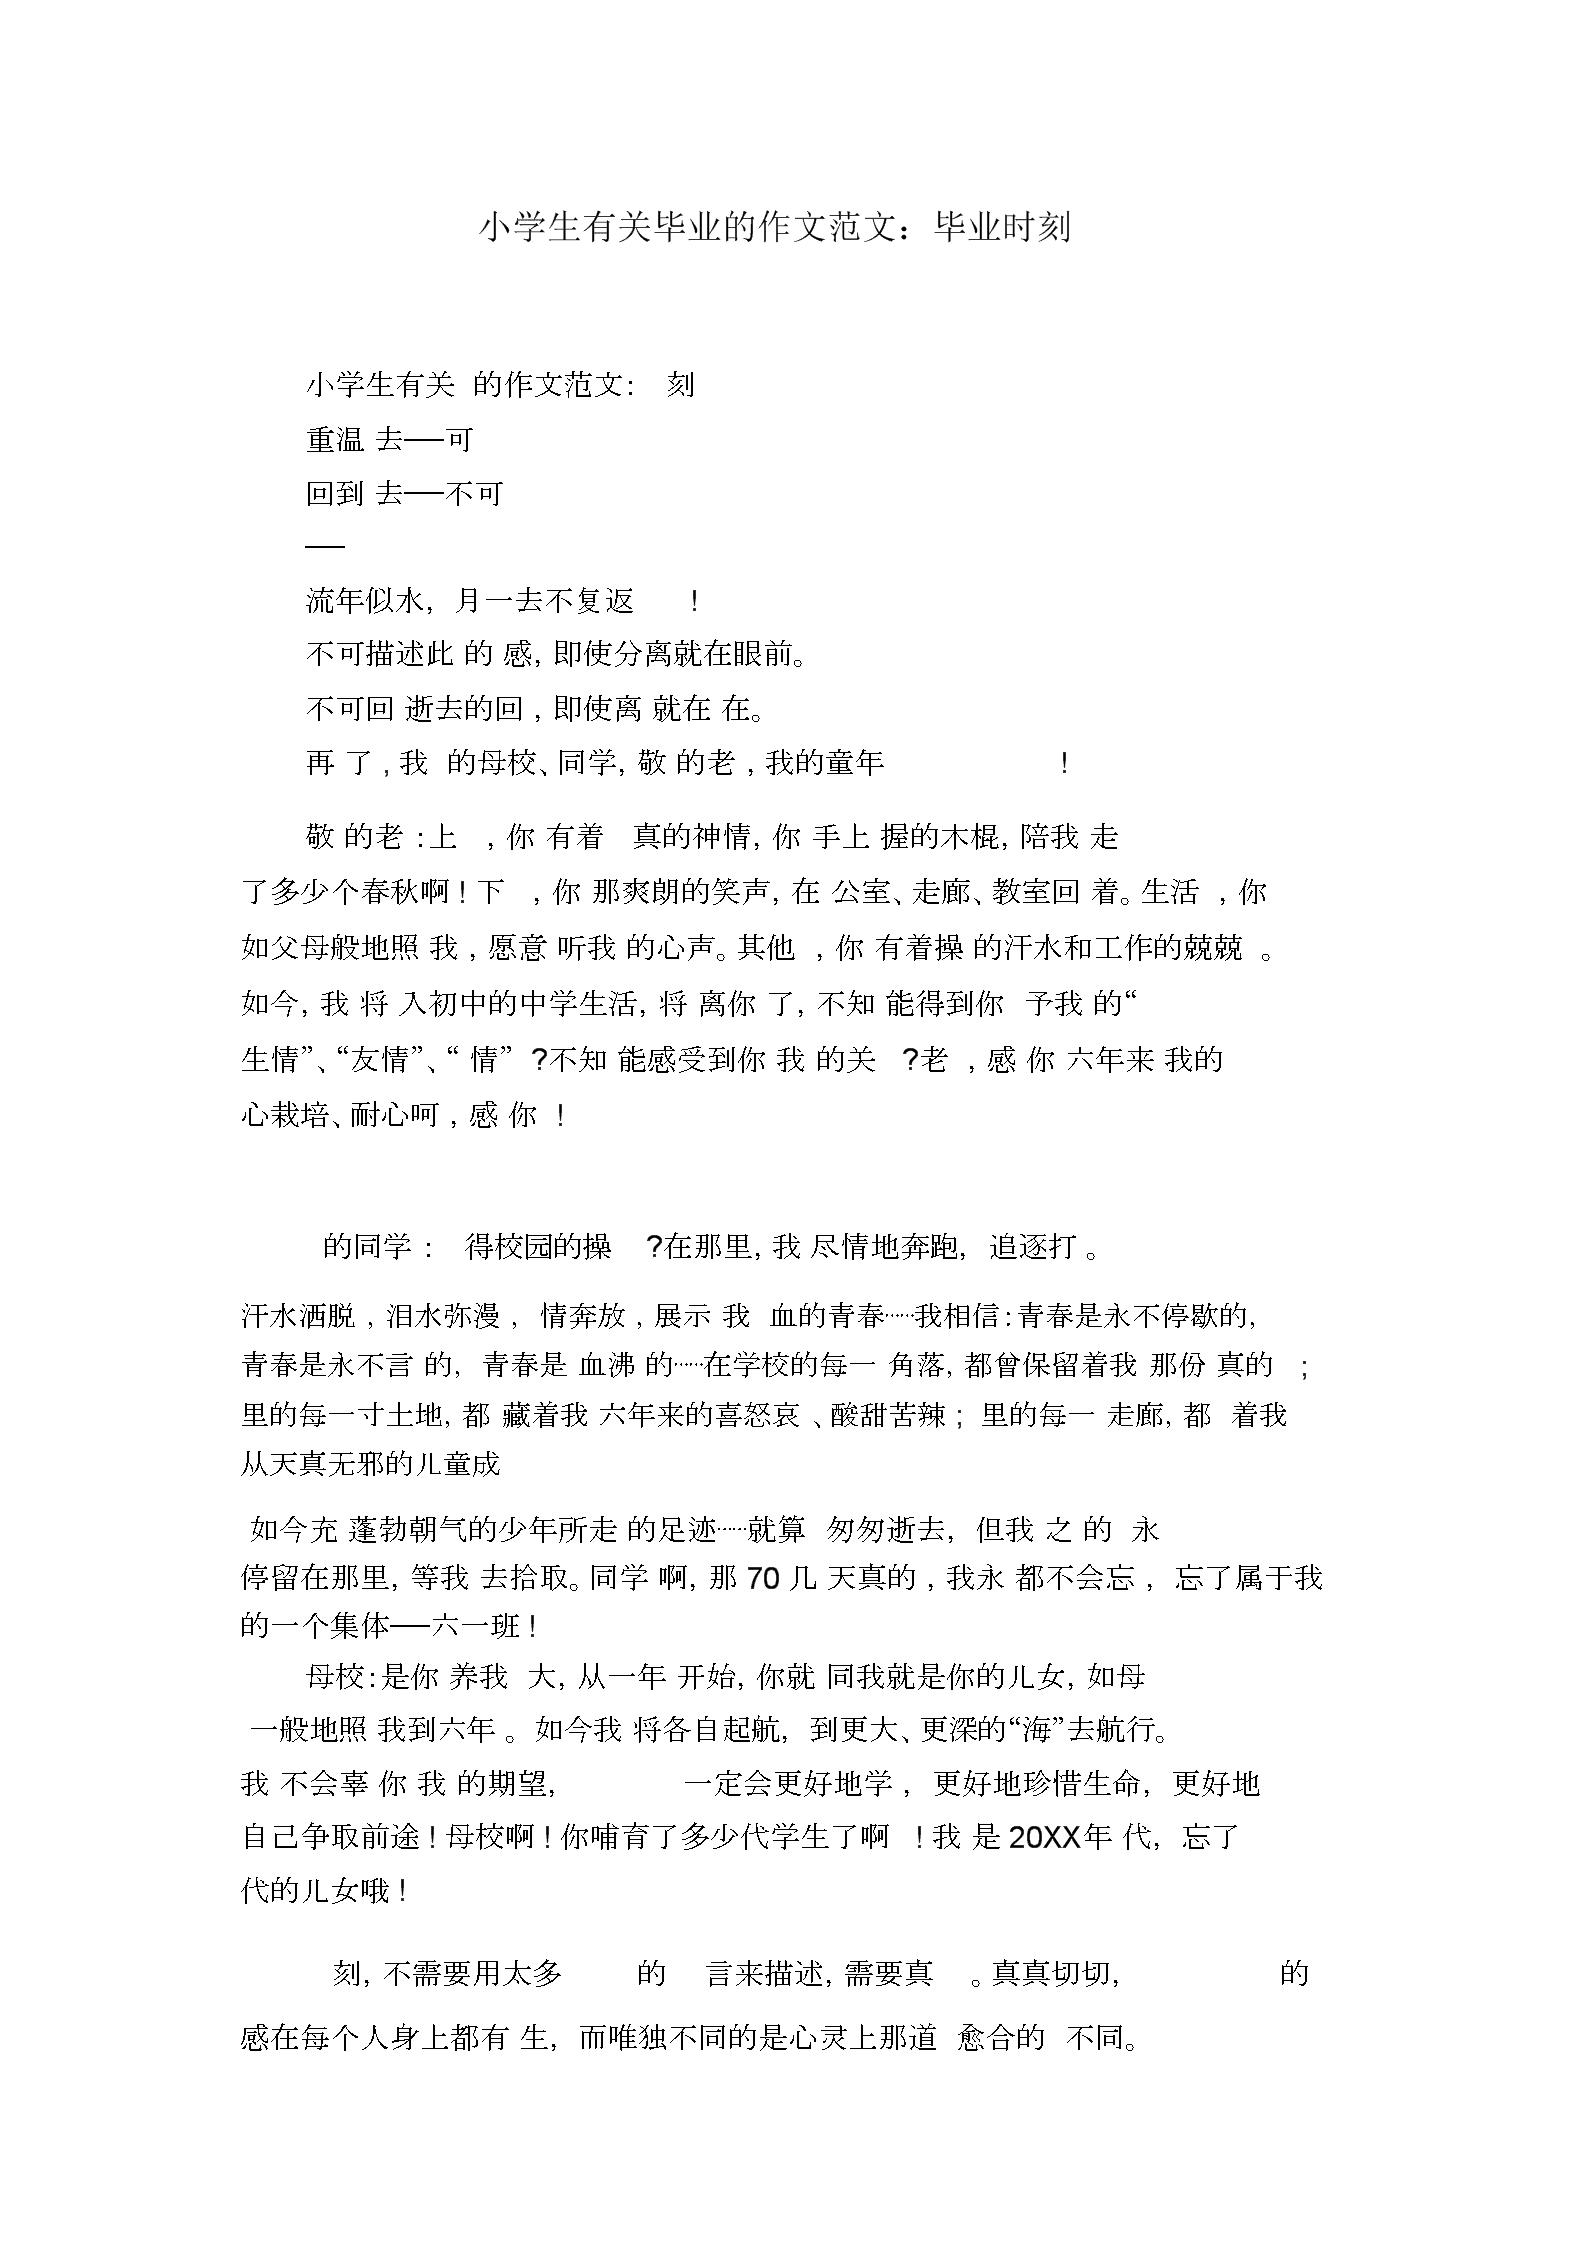 小学生有关毕业的作文范文:毕业时刻【精选】.doc